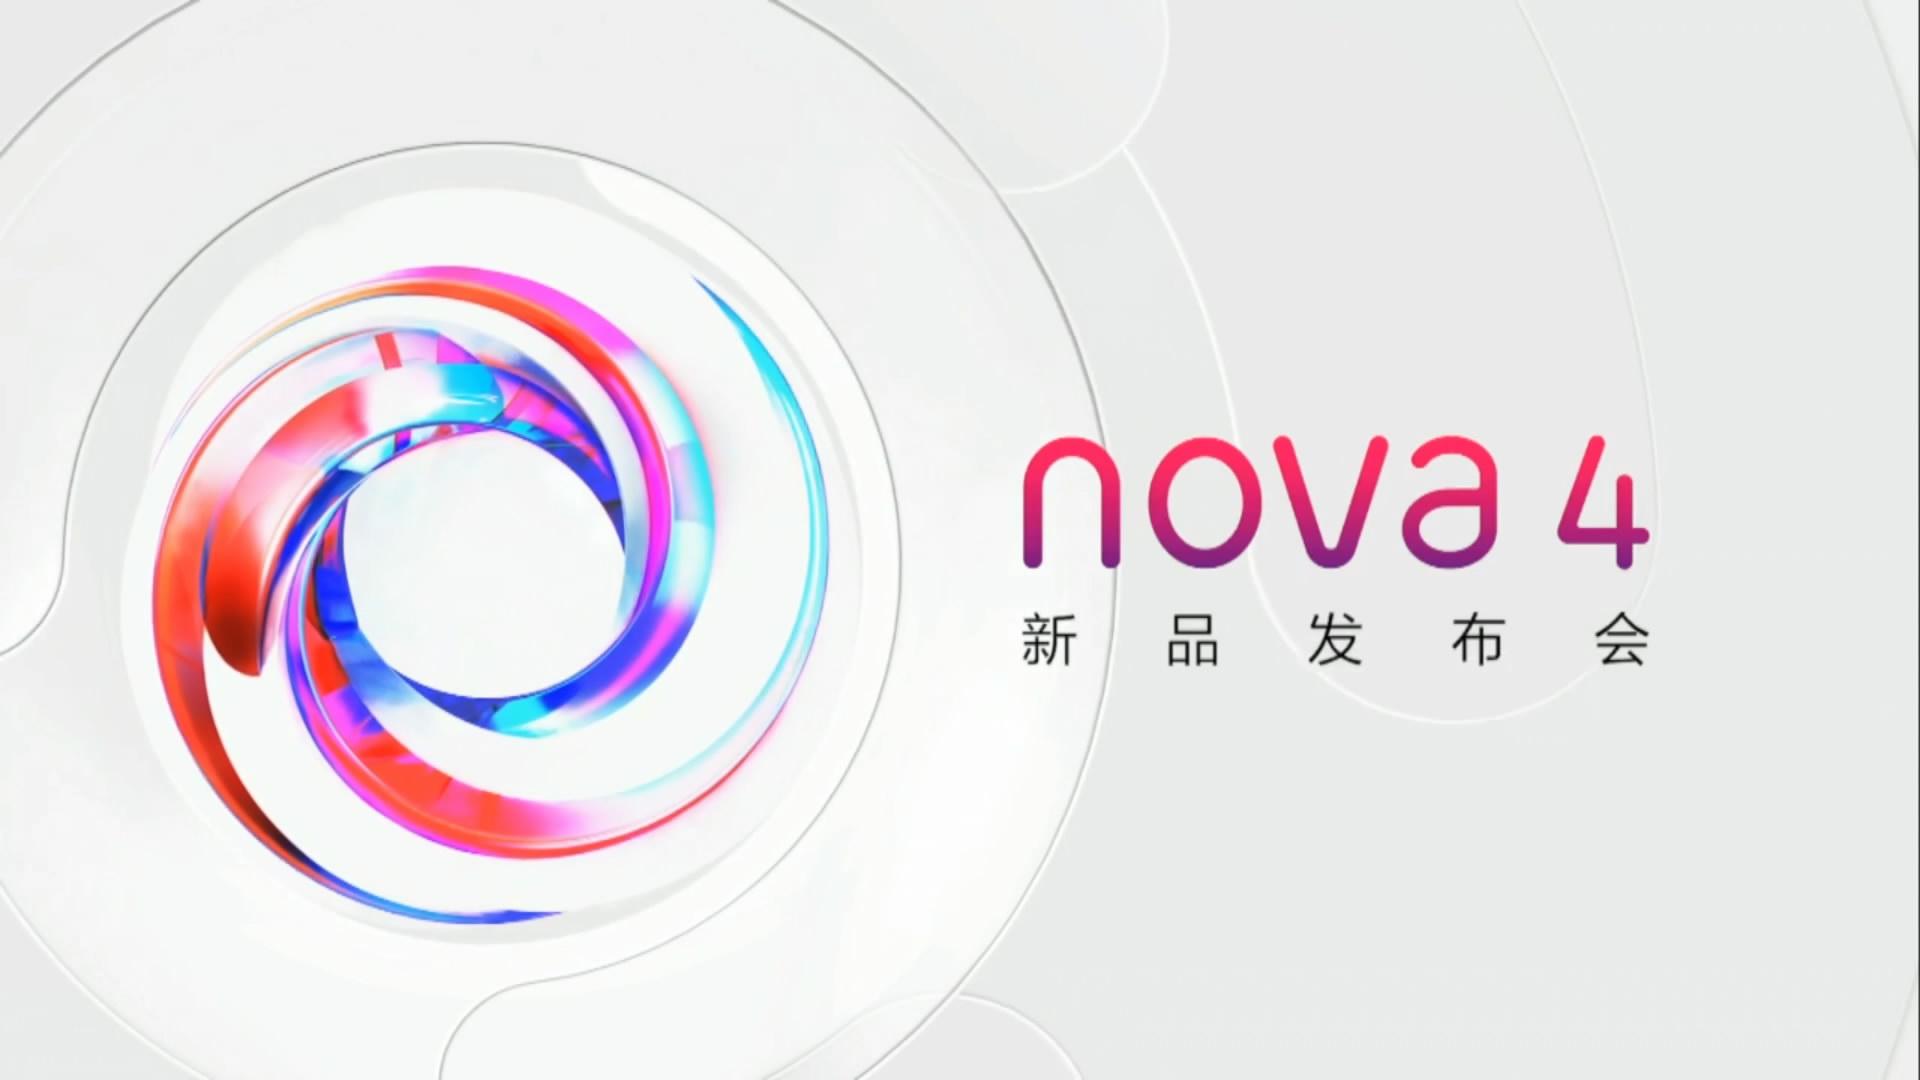 华为nova4新品发布会全程回顾